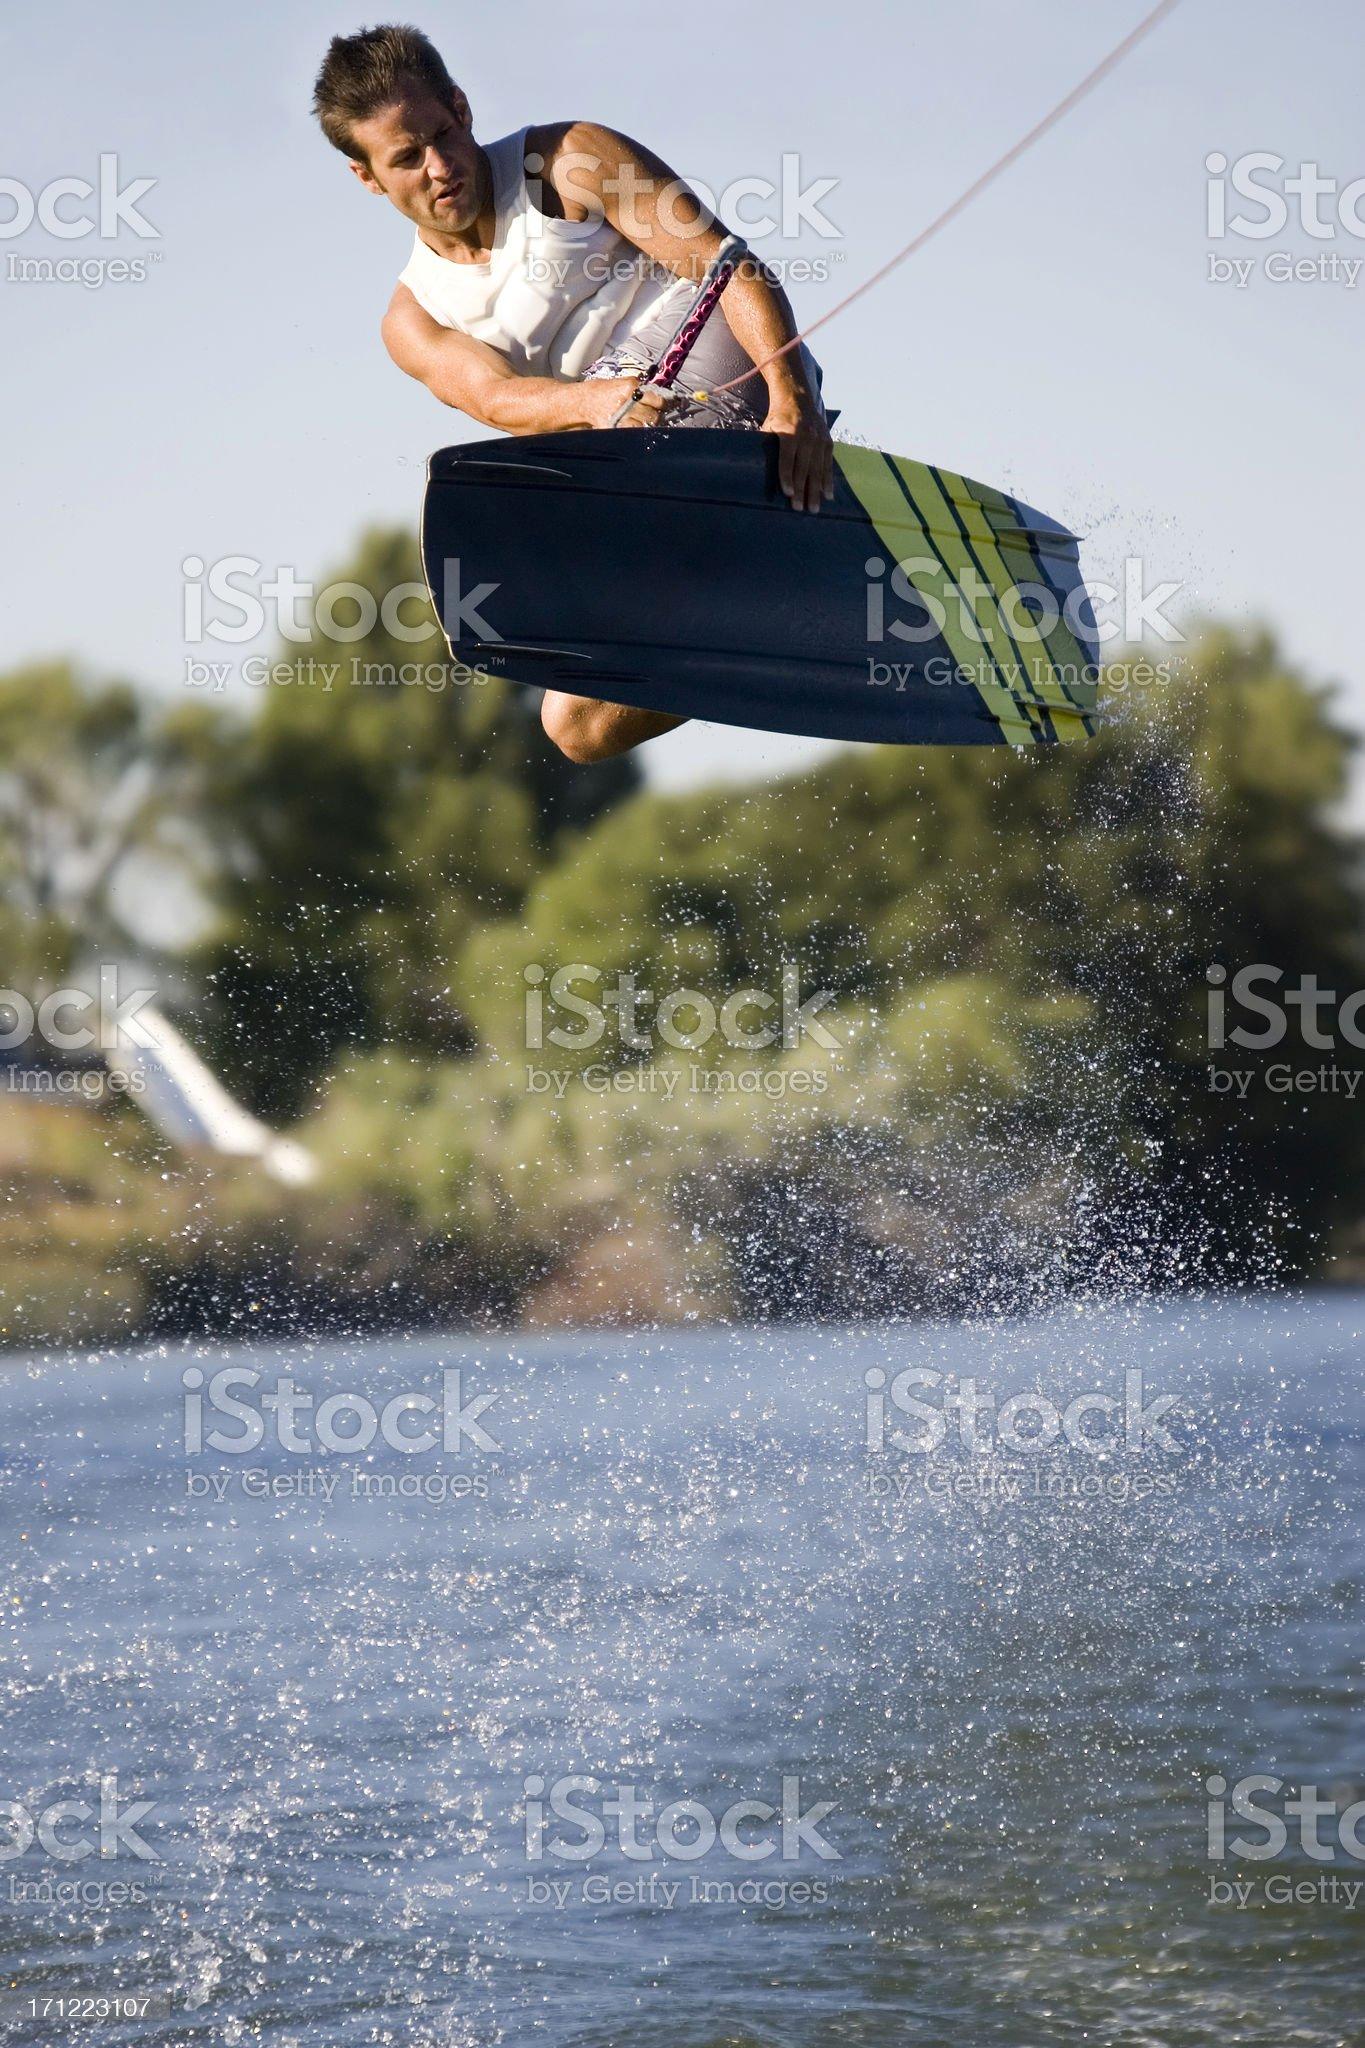 Wakeboarder-Huge Air Heel Side Grab royalty-free stock photo